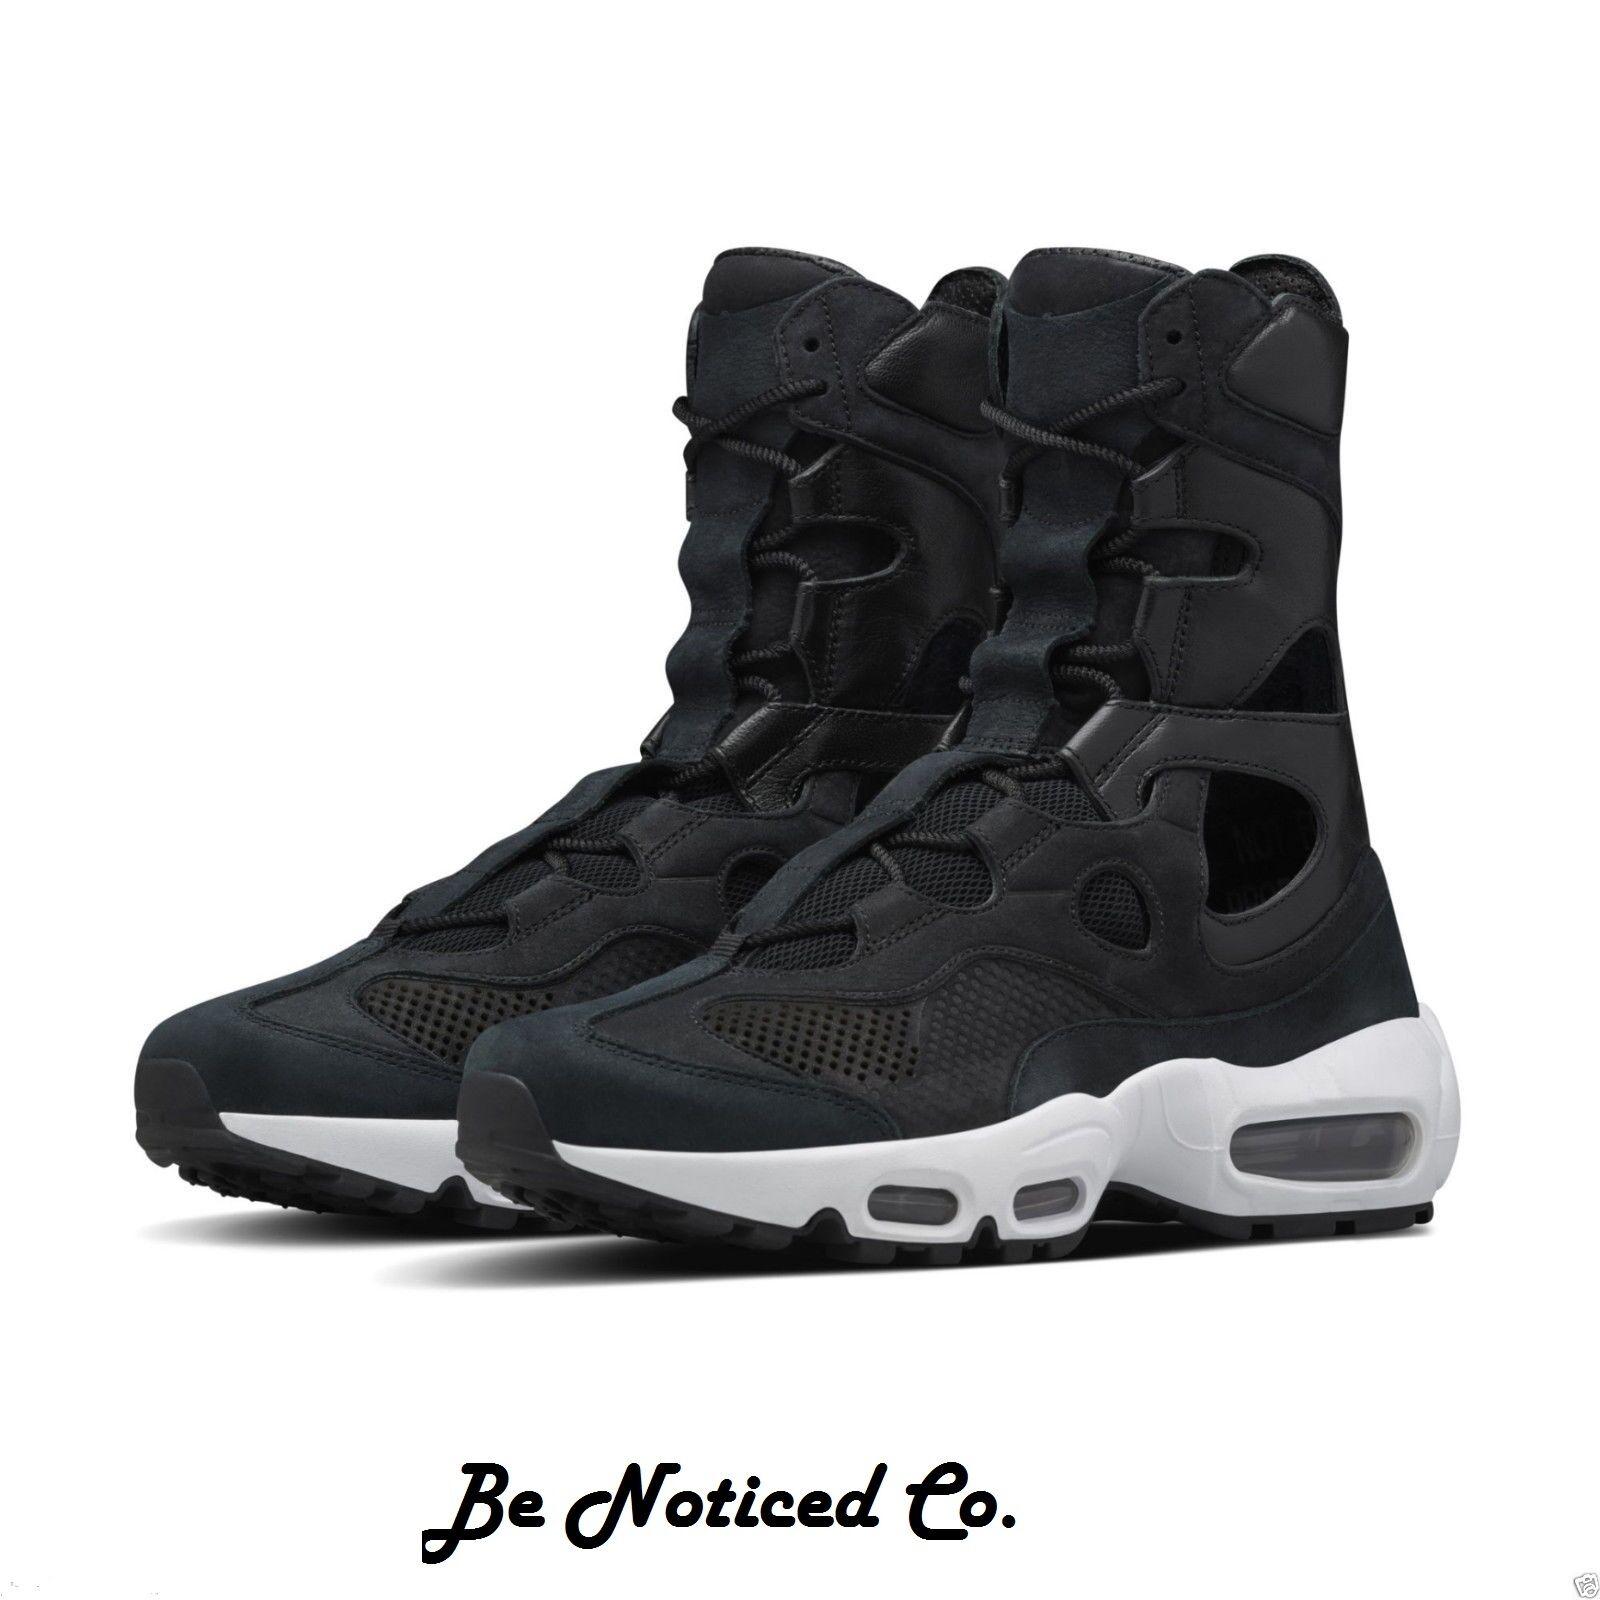 Nike Nike Lab Air Max 95 Empire Femmes Bottes Chaussures 5.5 Noir Blanc